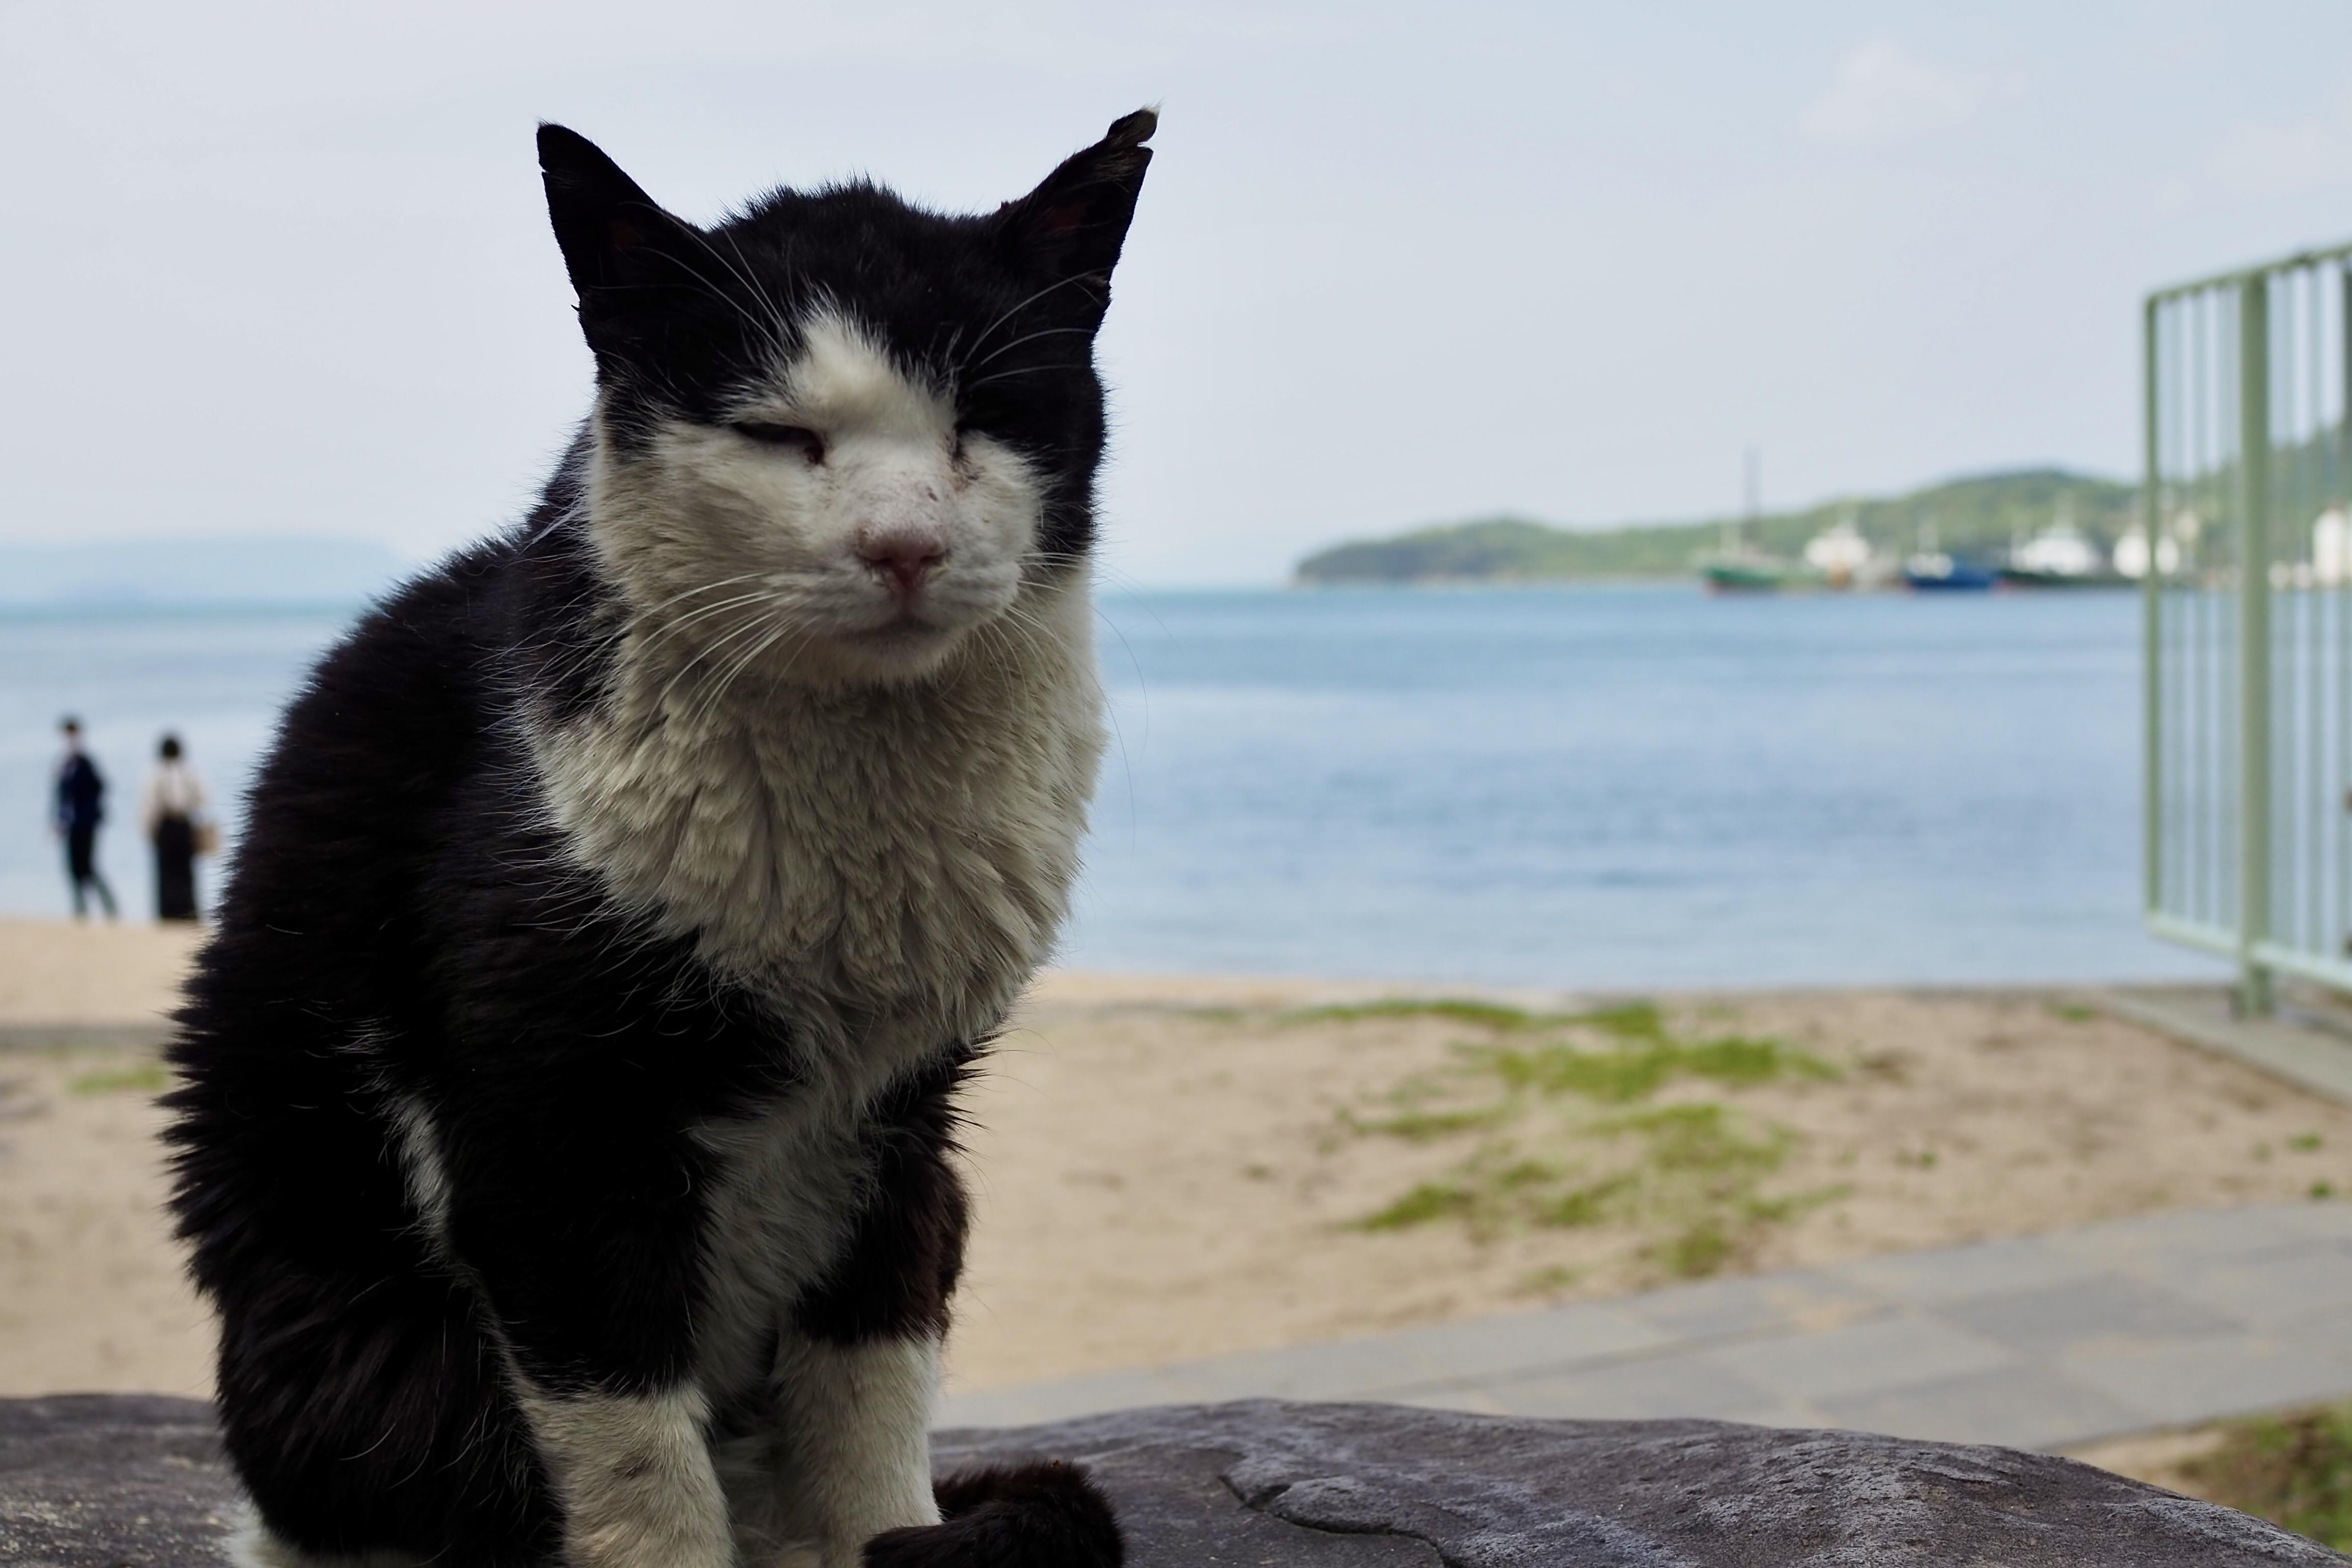 小豆島ツーリング 絶景とグルメ ハーレー 旅 一人旅 エンジェルロード 猫 ニャンコ ぬこ